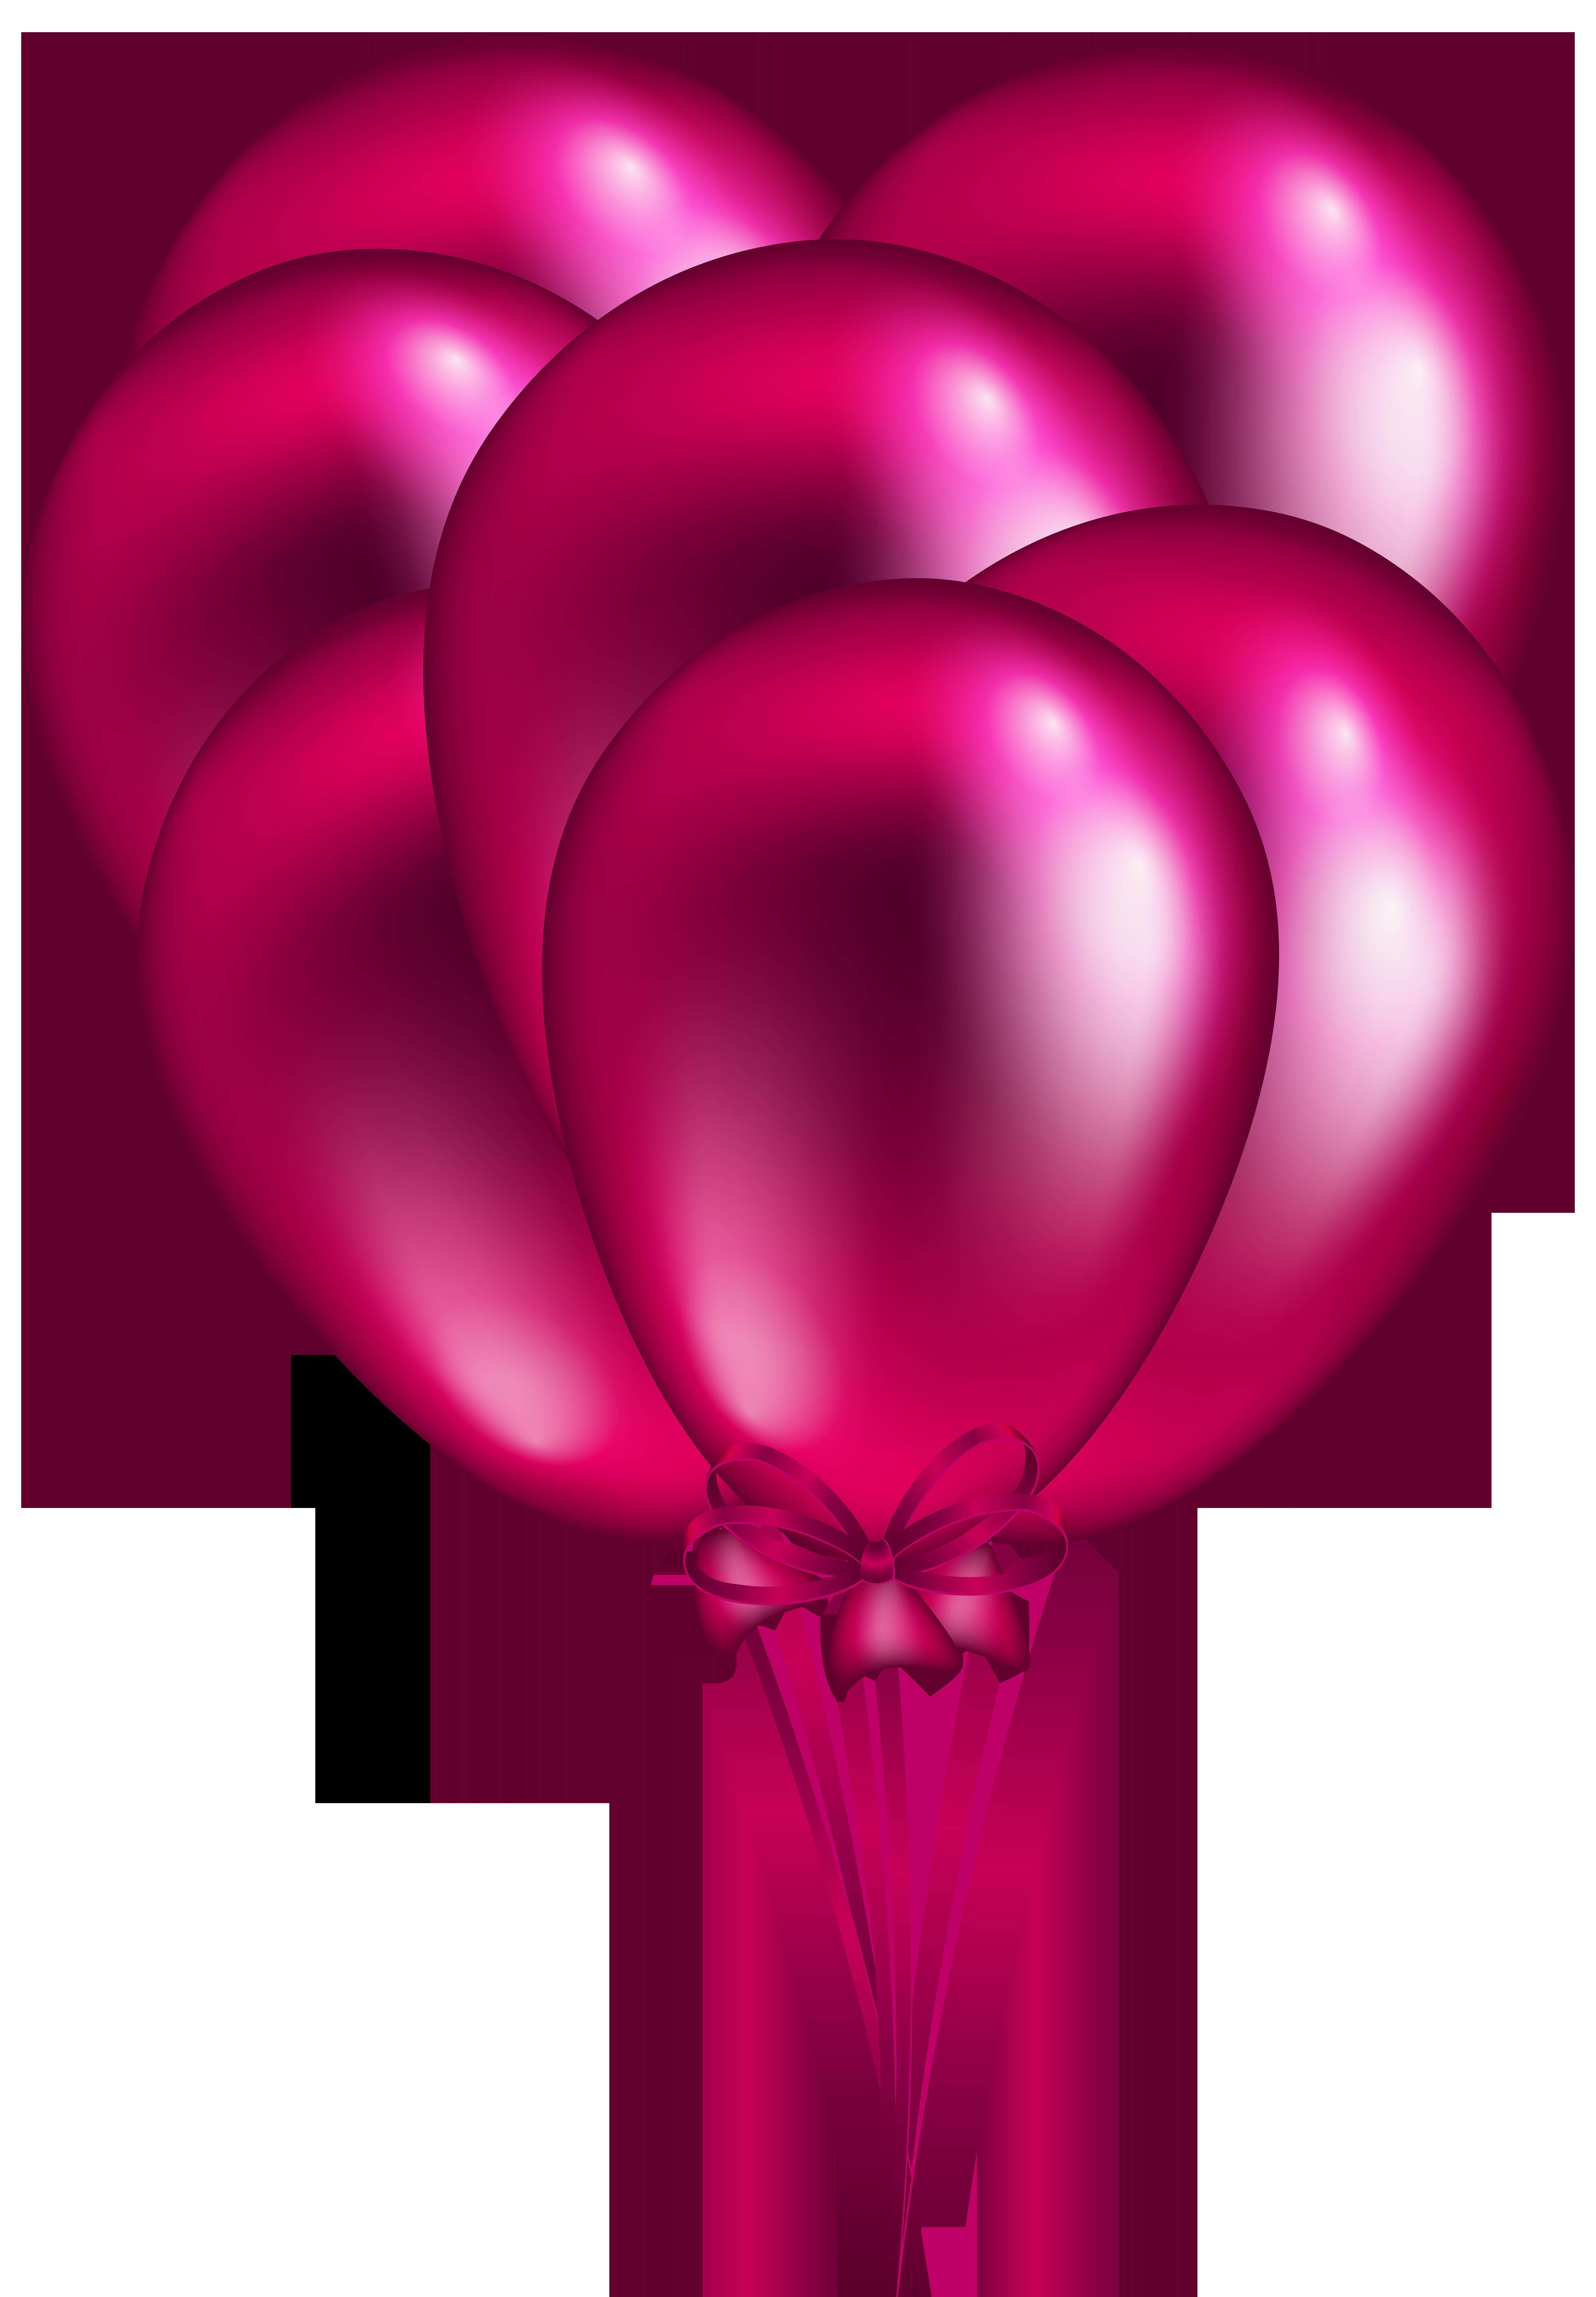 Clipart balloon pink. Bunch png clip art